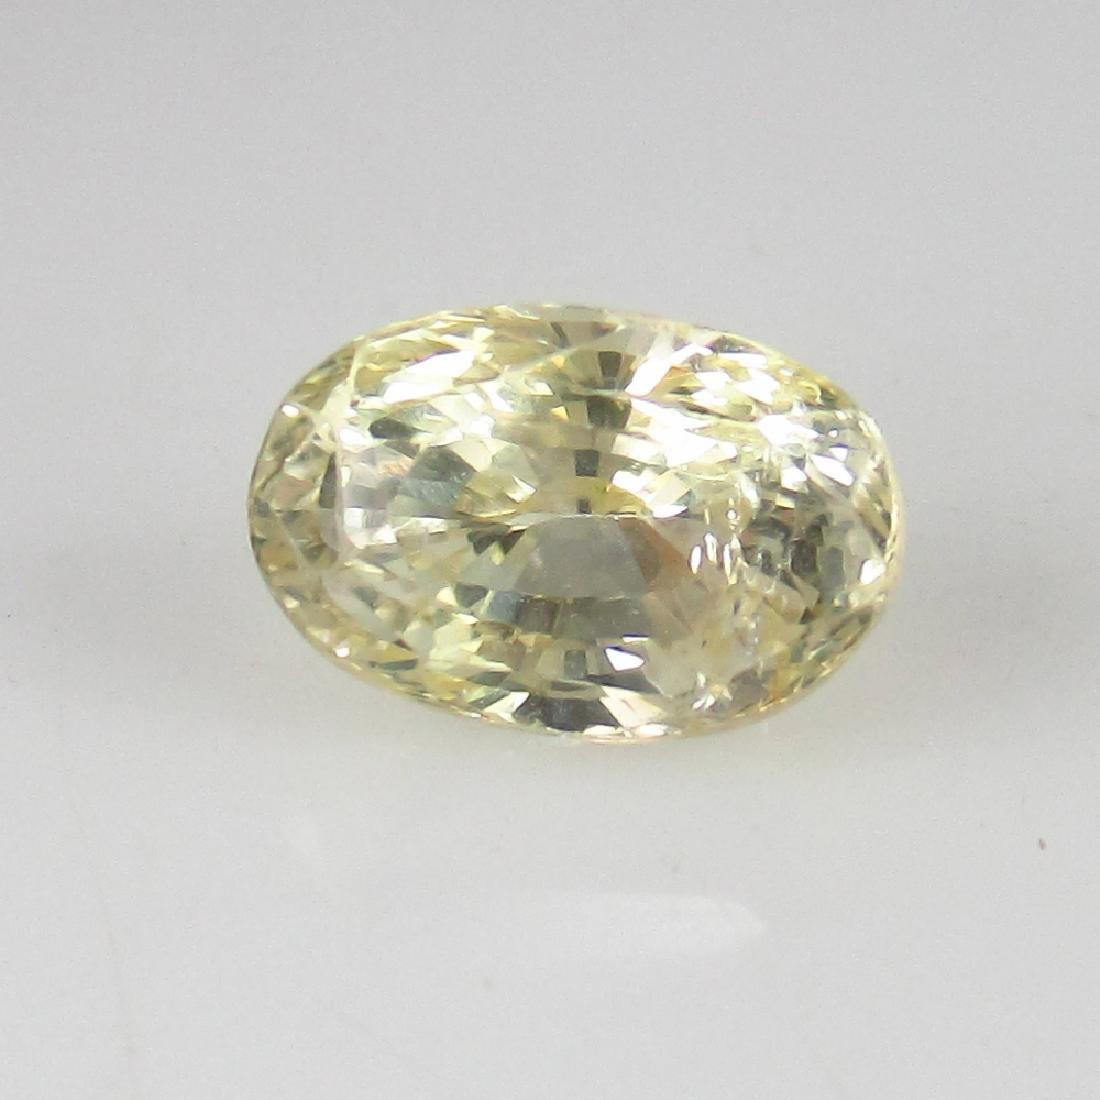 1.28 Ct Genuine IGI Certified Sri Lanka Yellow Sapphire